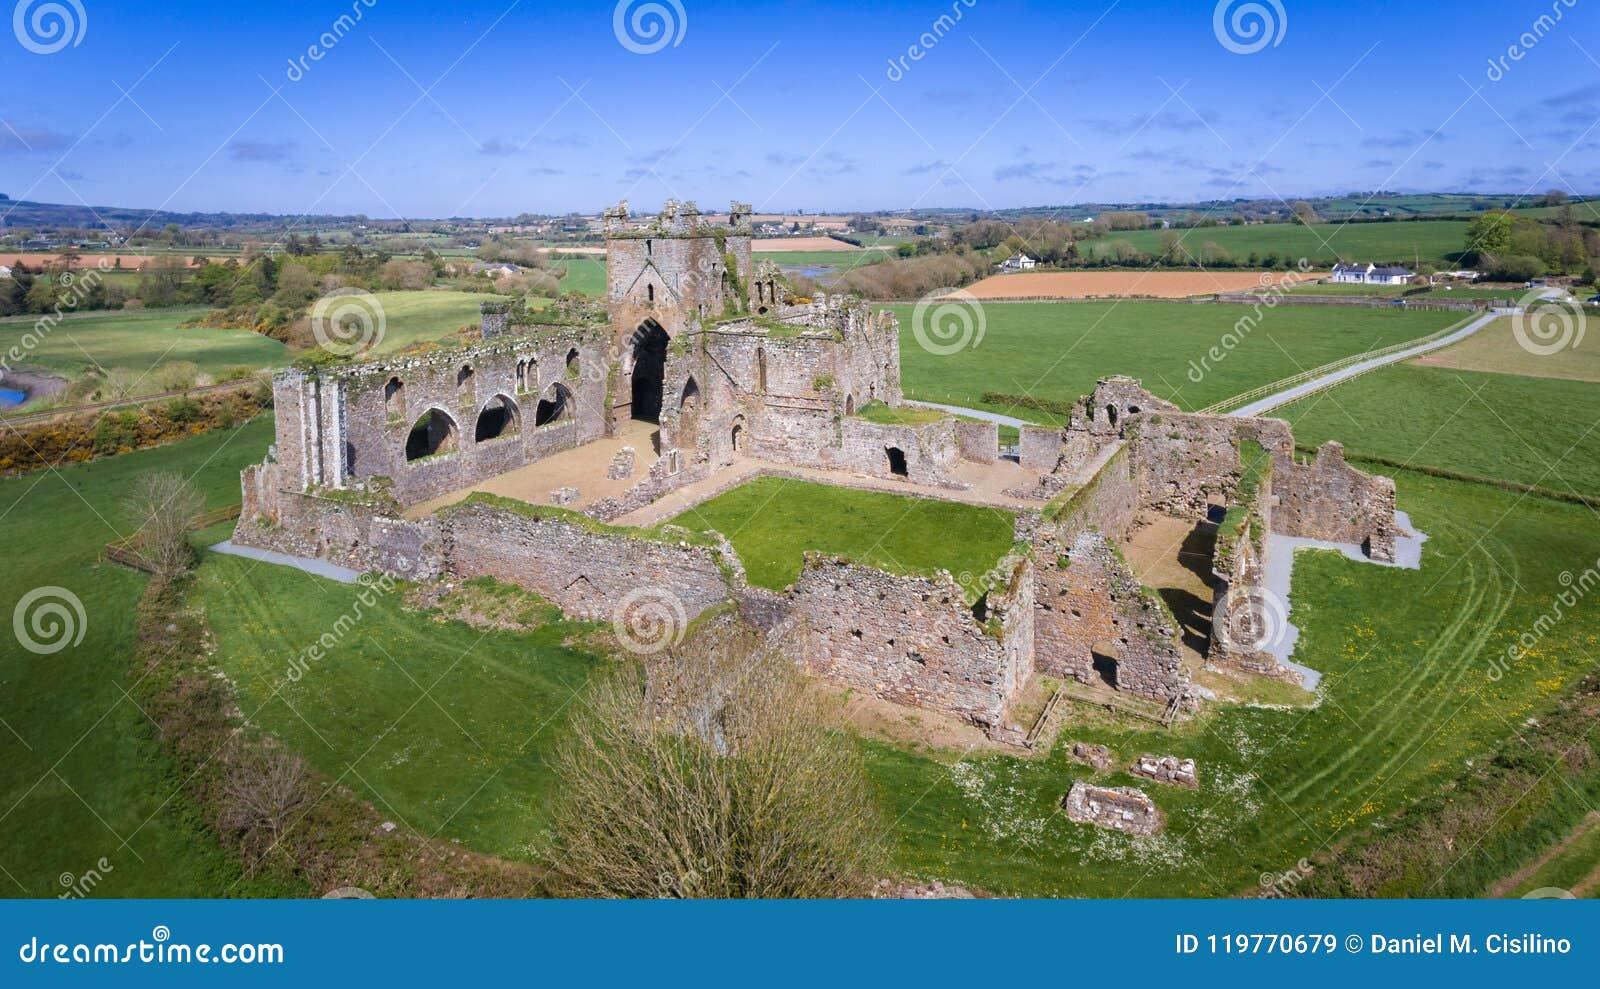 вид с воздуха аббатство dunbrody графство Wexford Ирландия